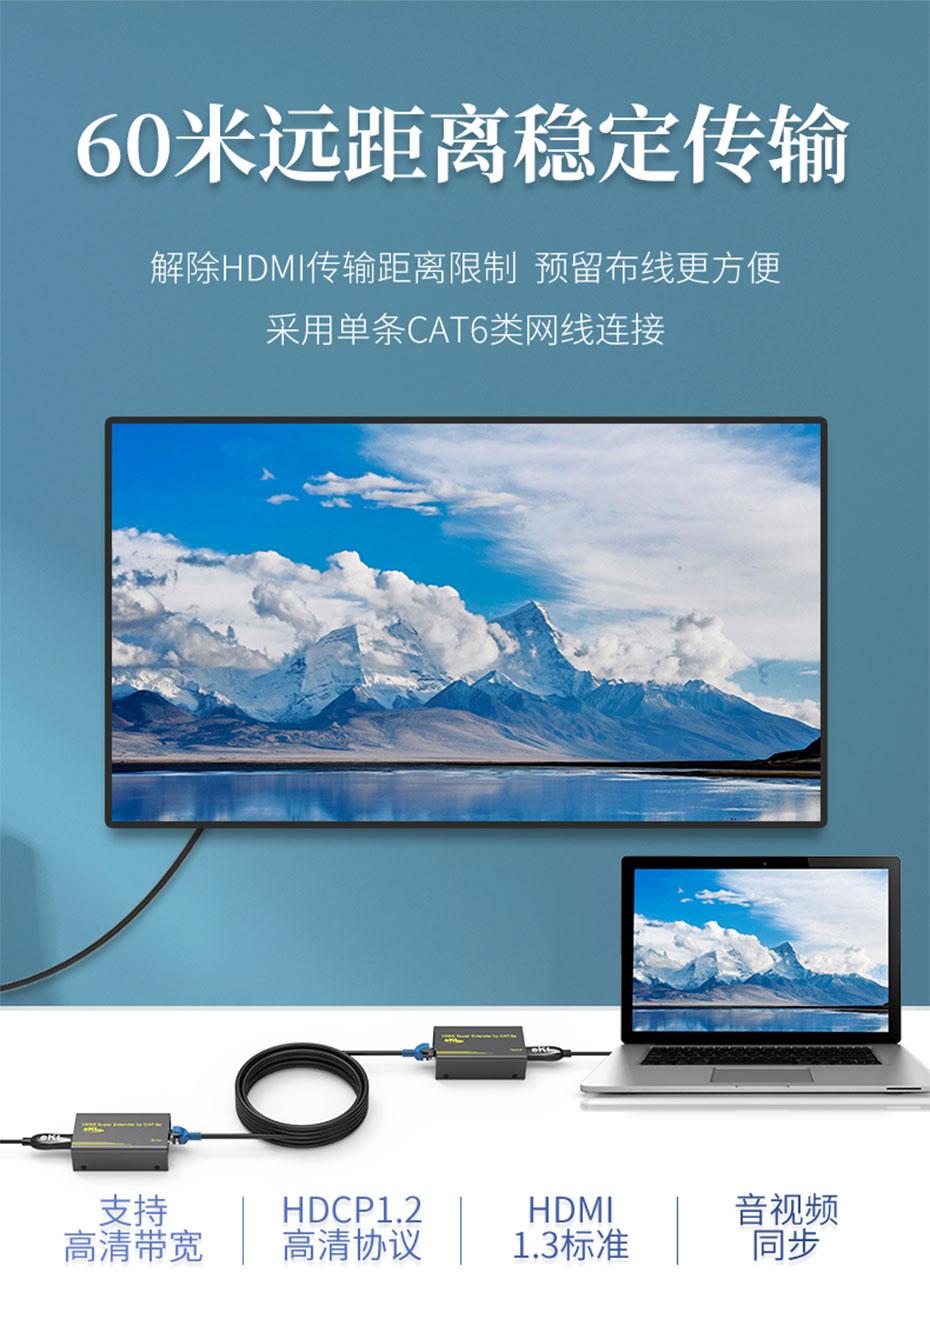 60米HDMI单网线延长器HE60连接使用示意图